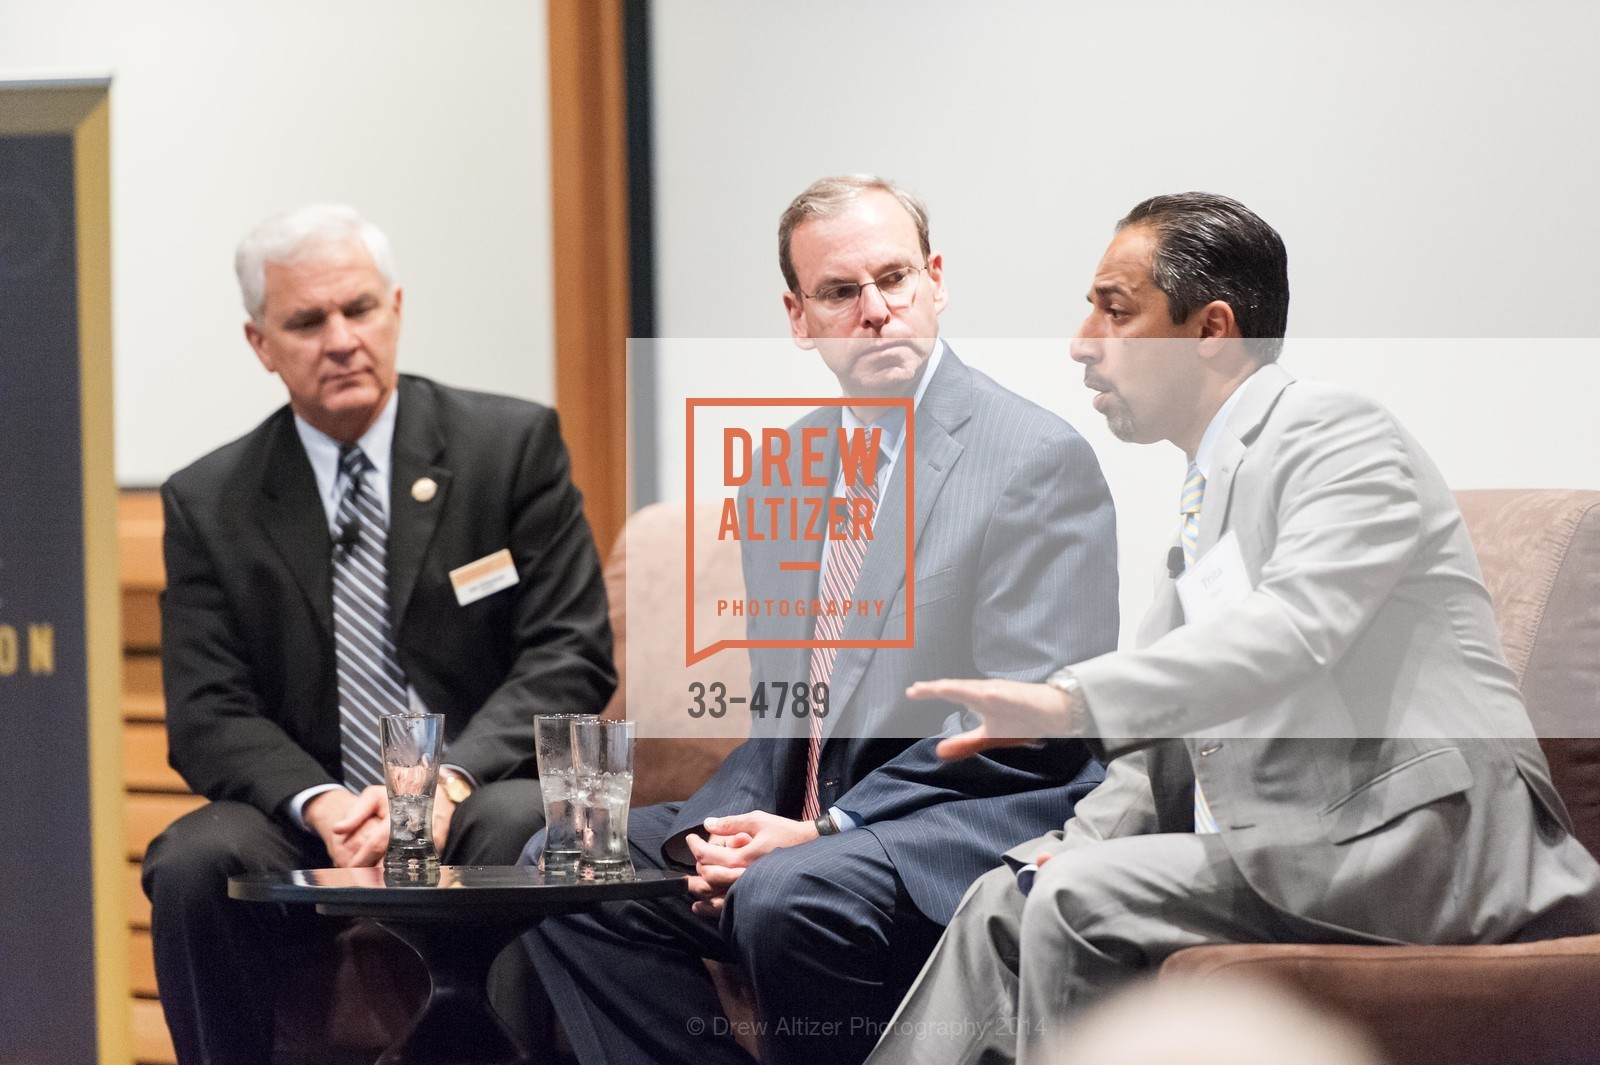 Joe Cirincione, Jeremy Ben-Ami, Trita Parsi, Photo #33-4789